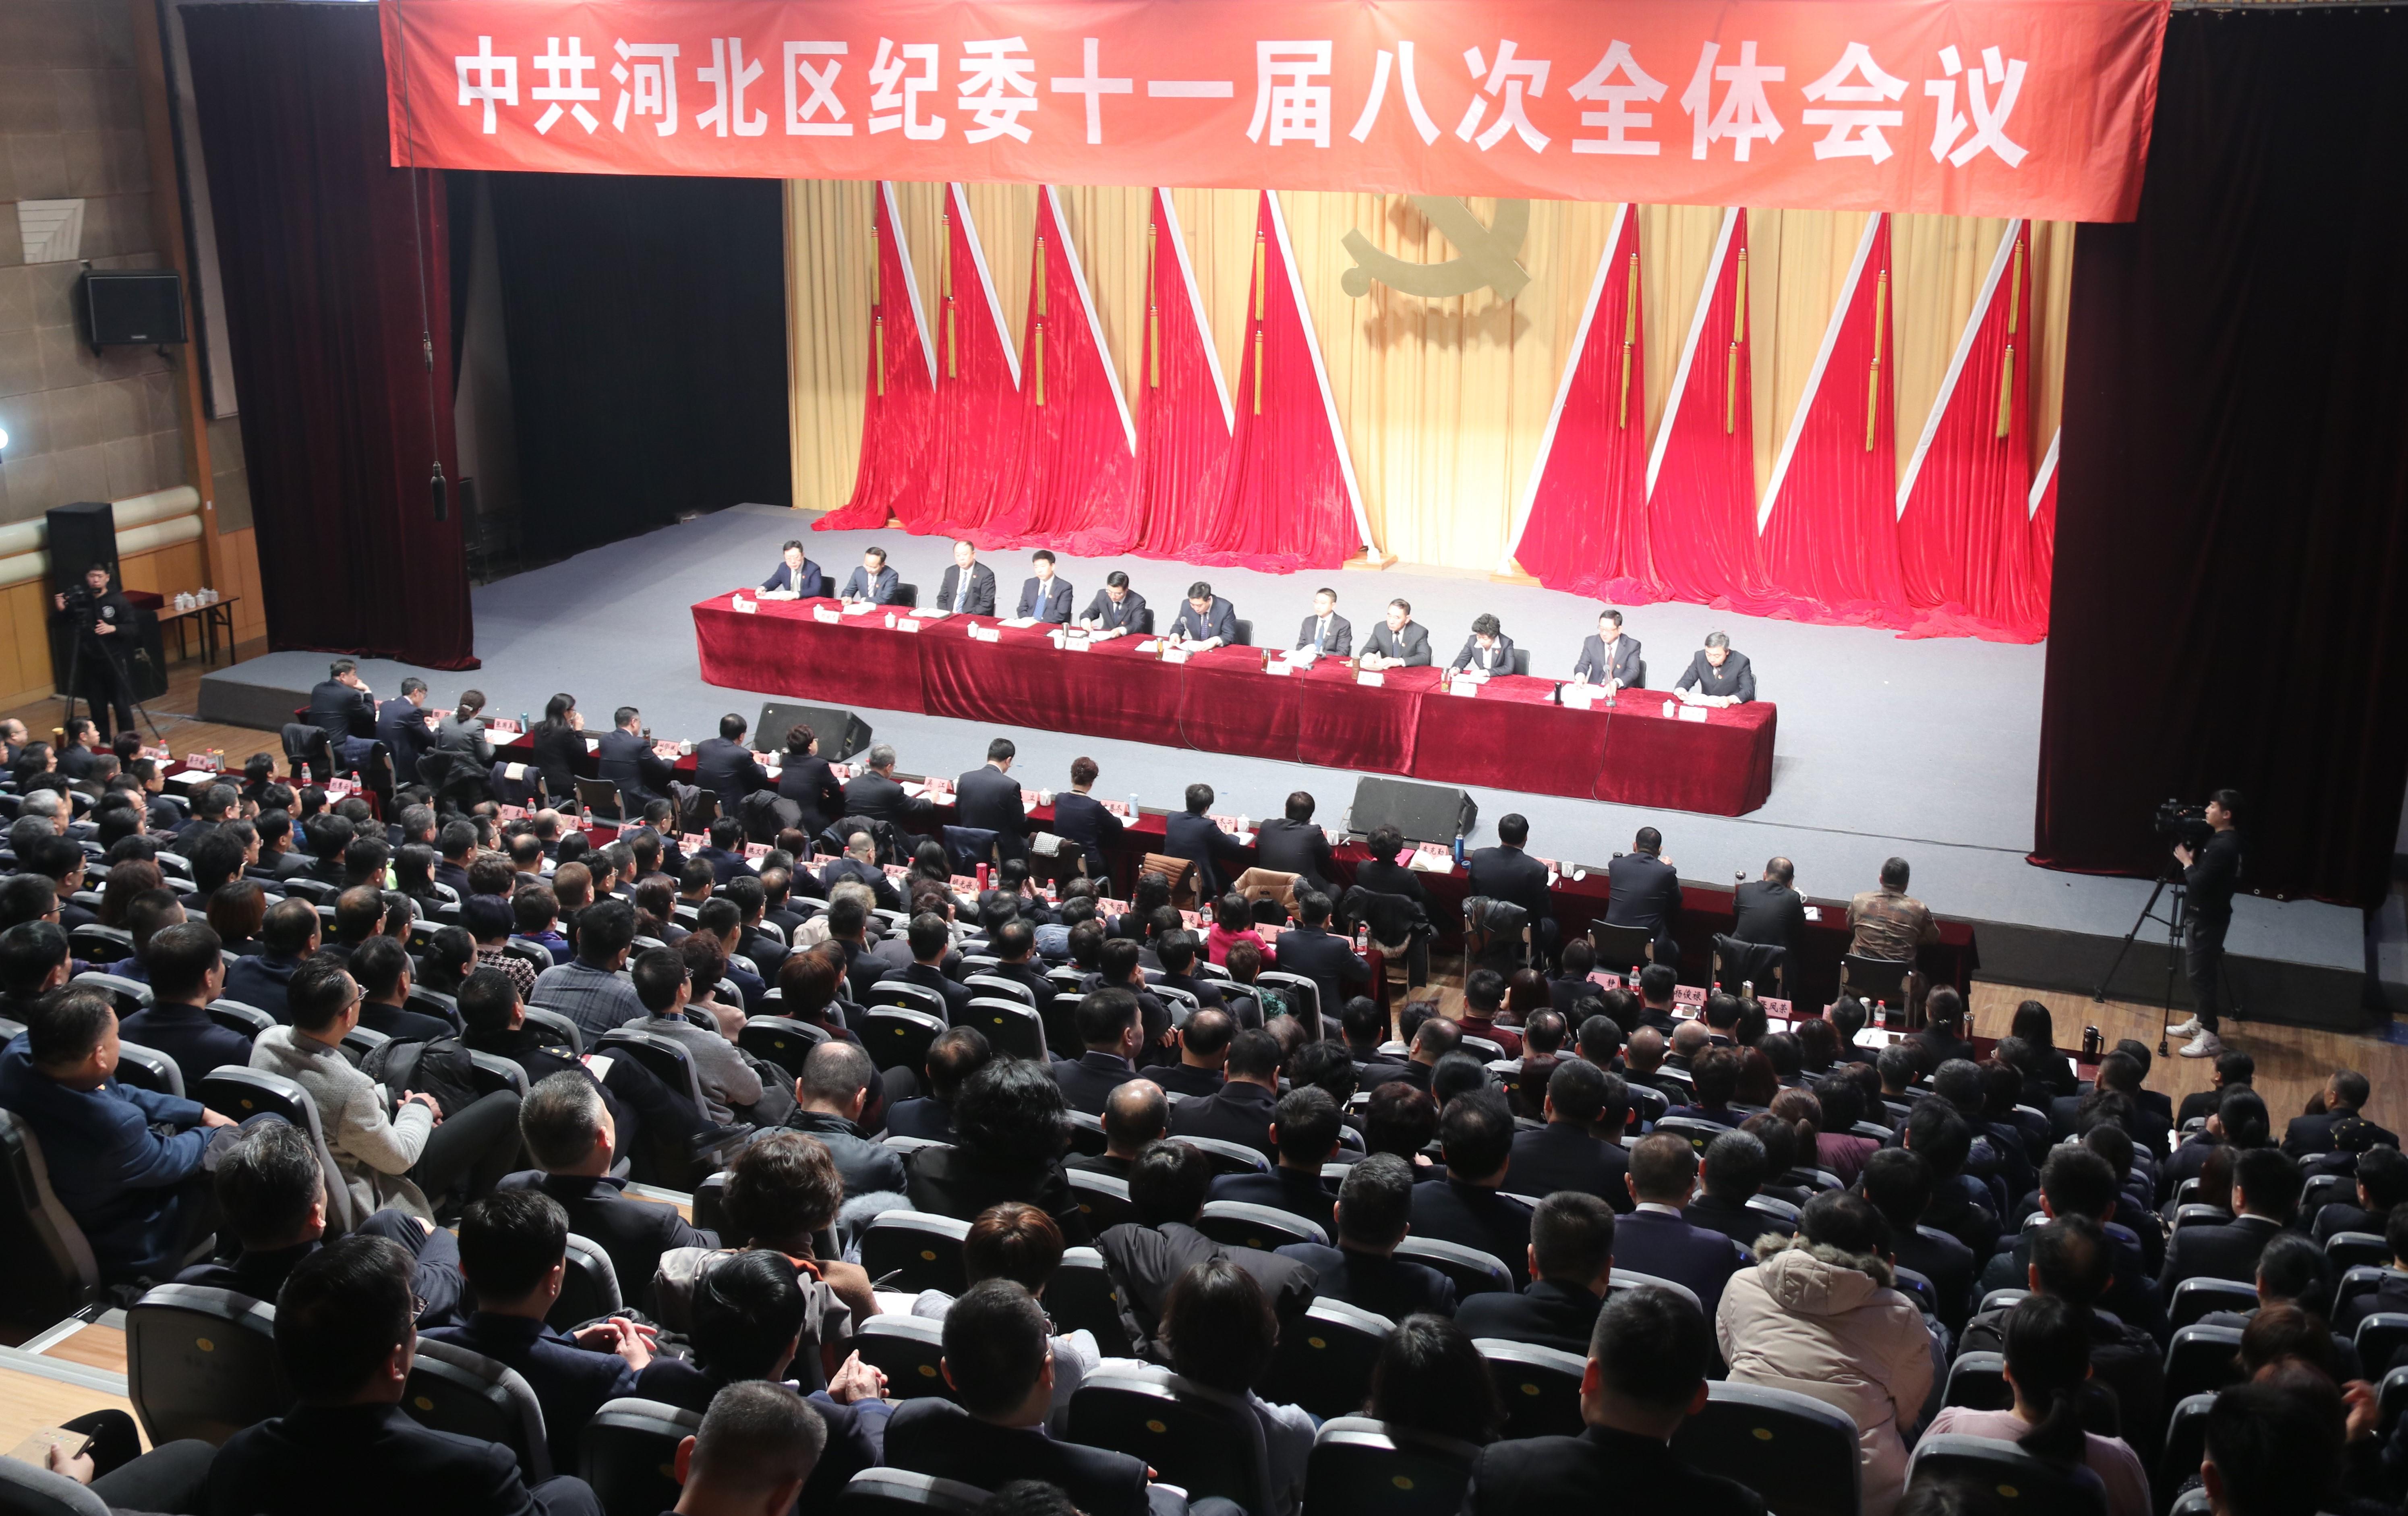 中共天津市河北区纪委十一届八次全会召开